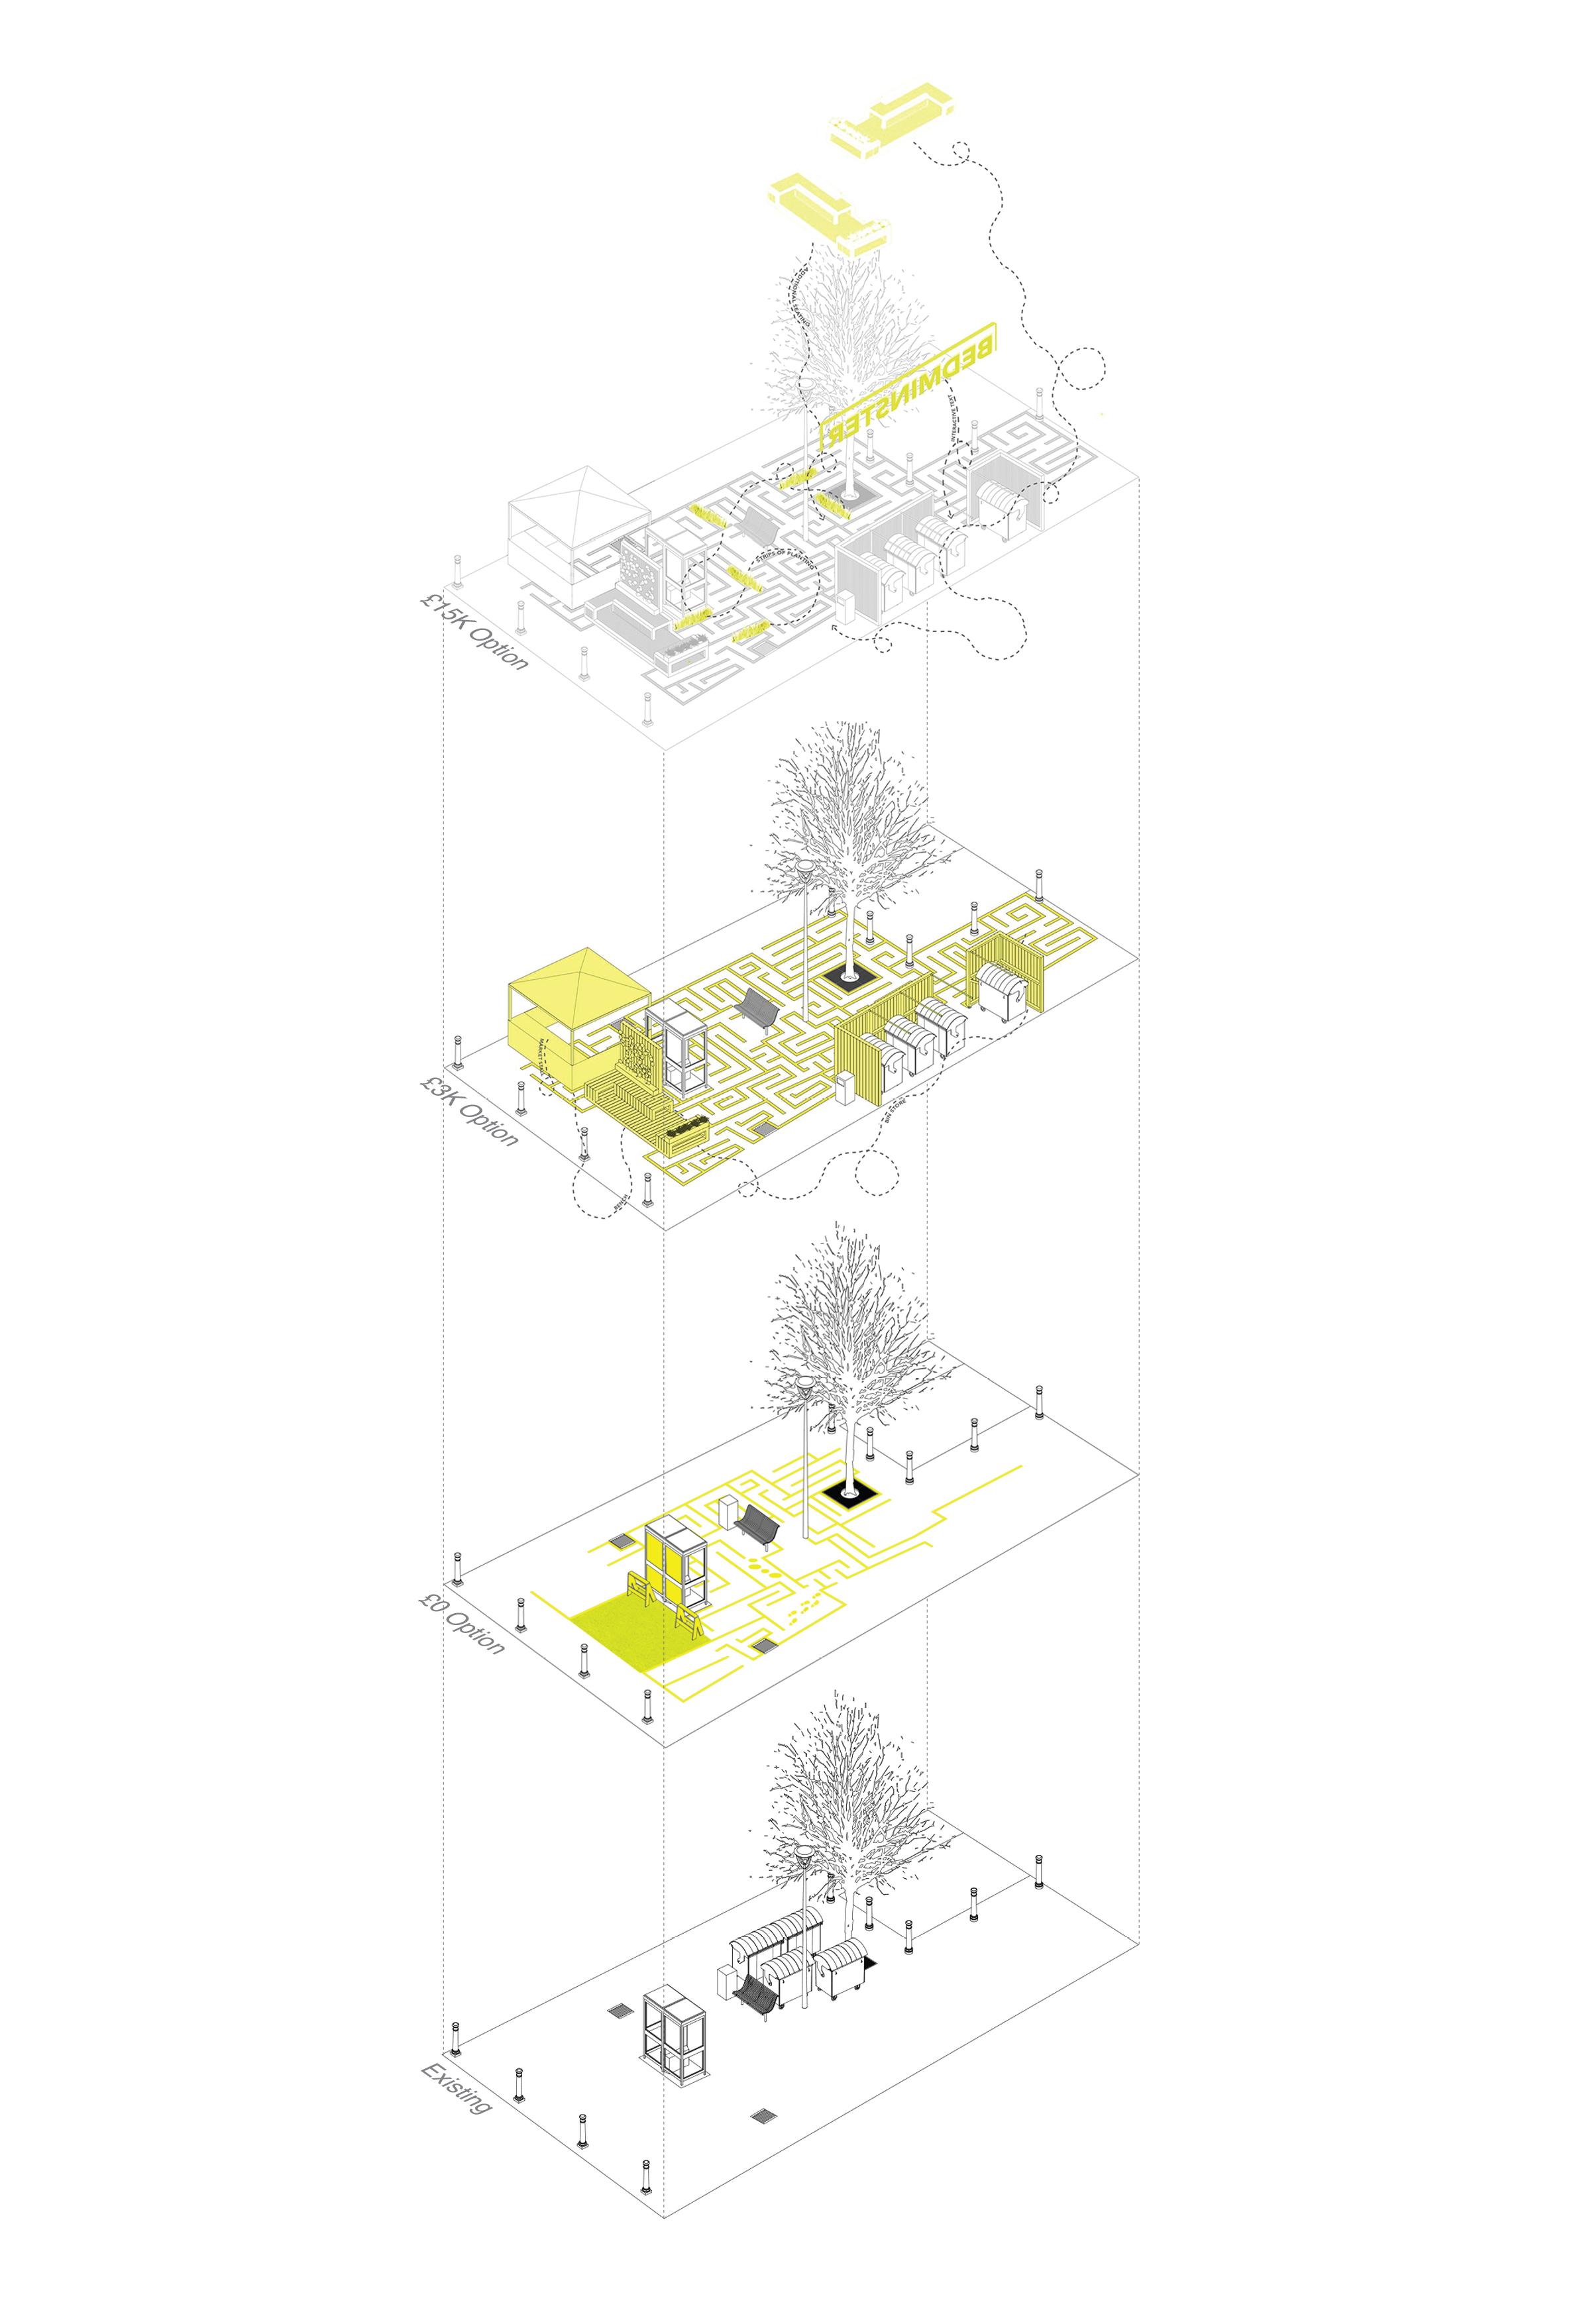 Bedminster Pocket Park Axo.jpg